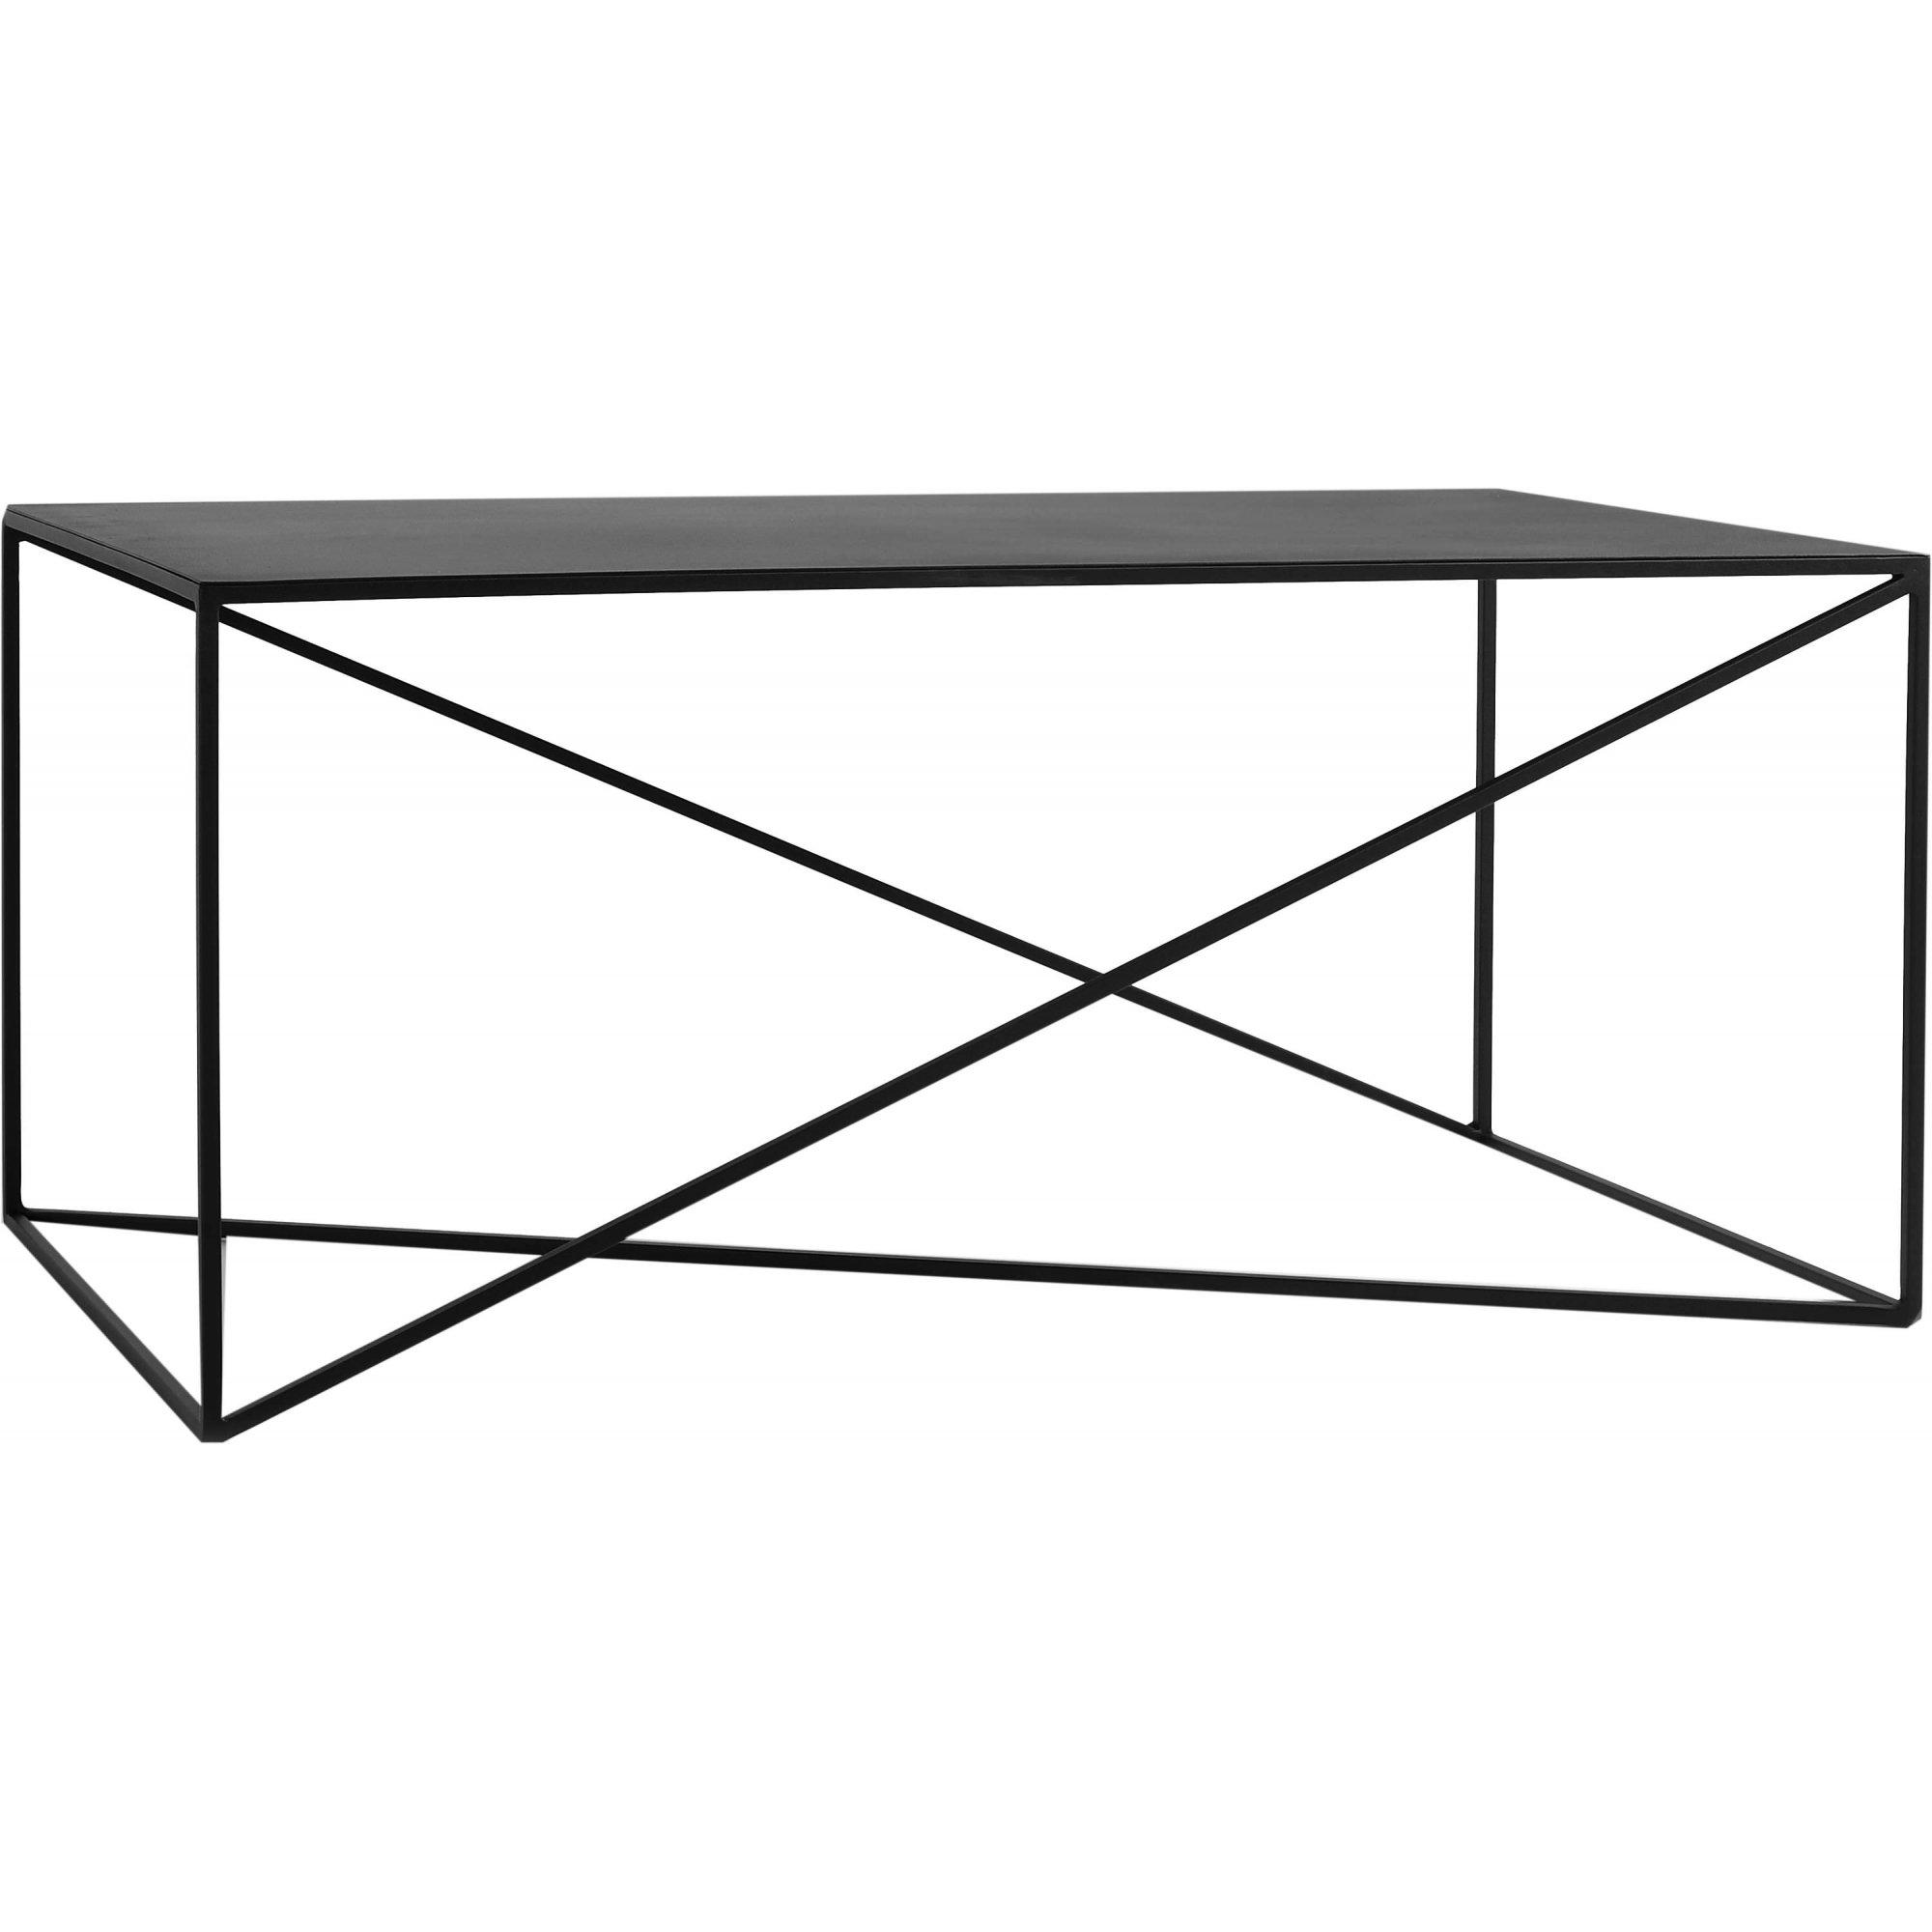 maison du monde Table basse rectangulaire en métal noir l100cm